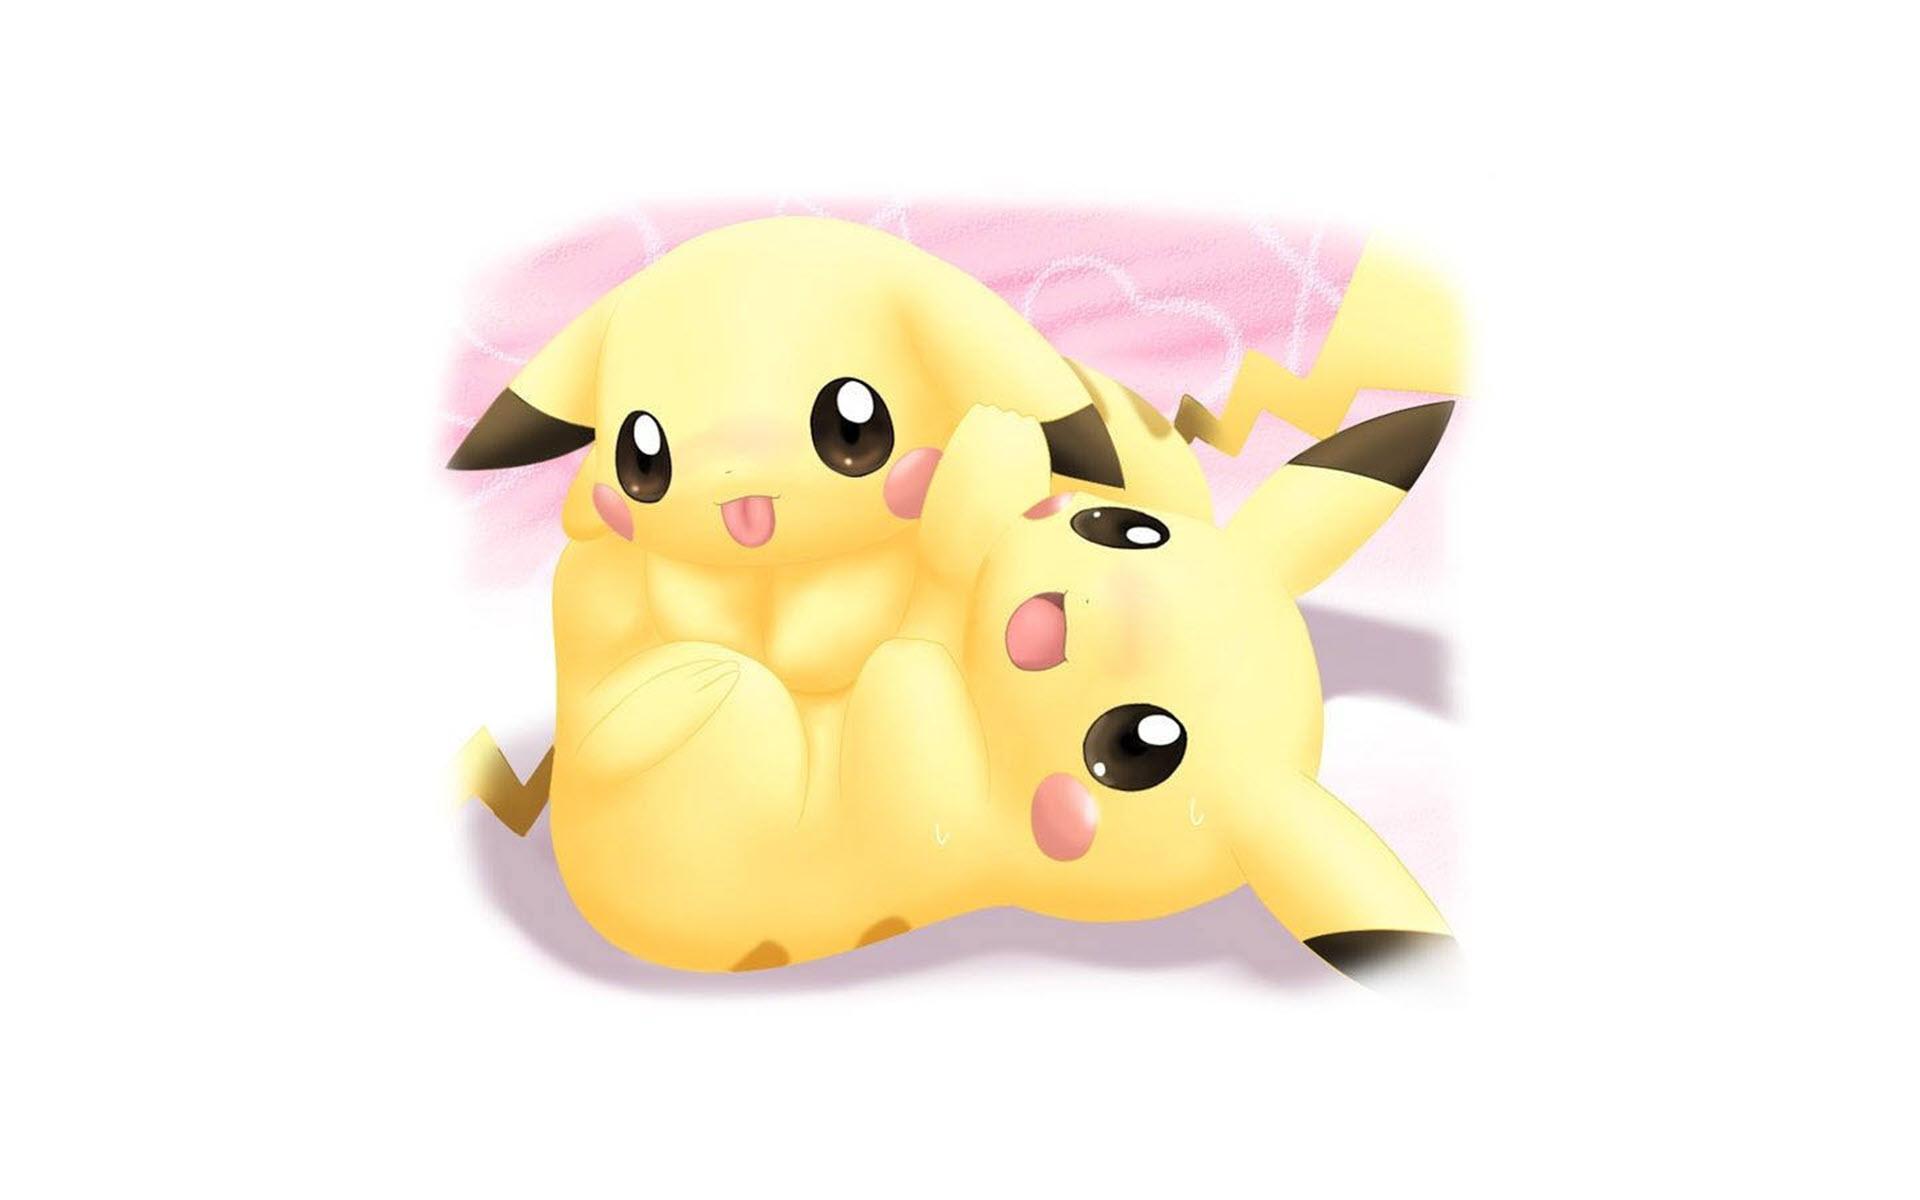 Hình nền hoạt hình pikachu